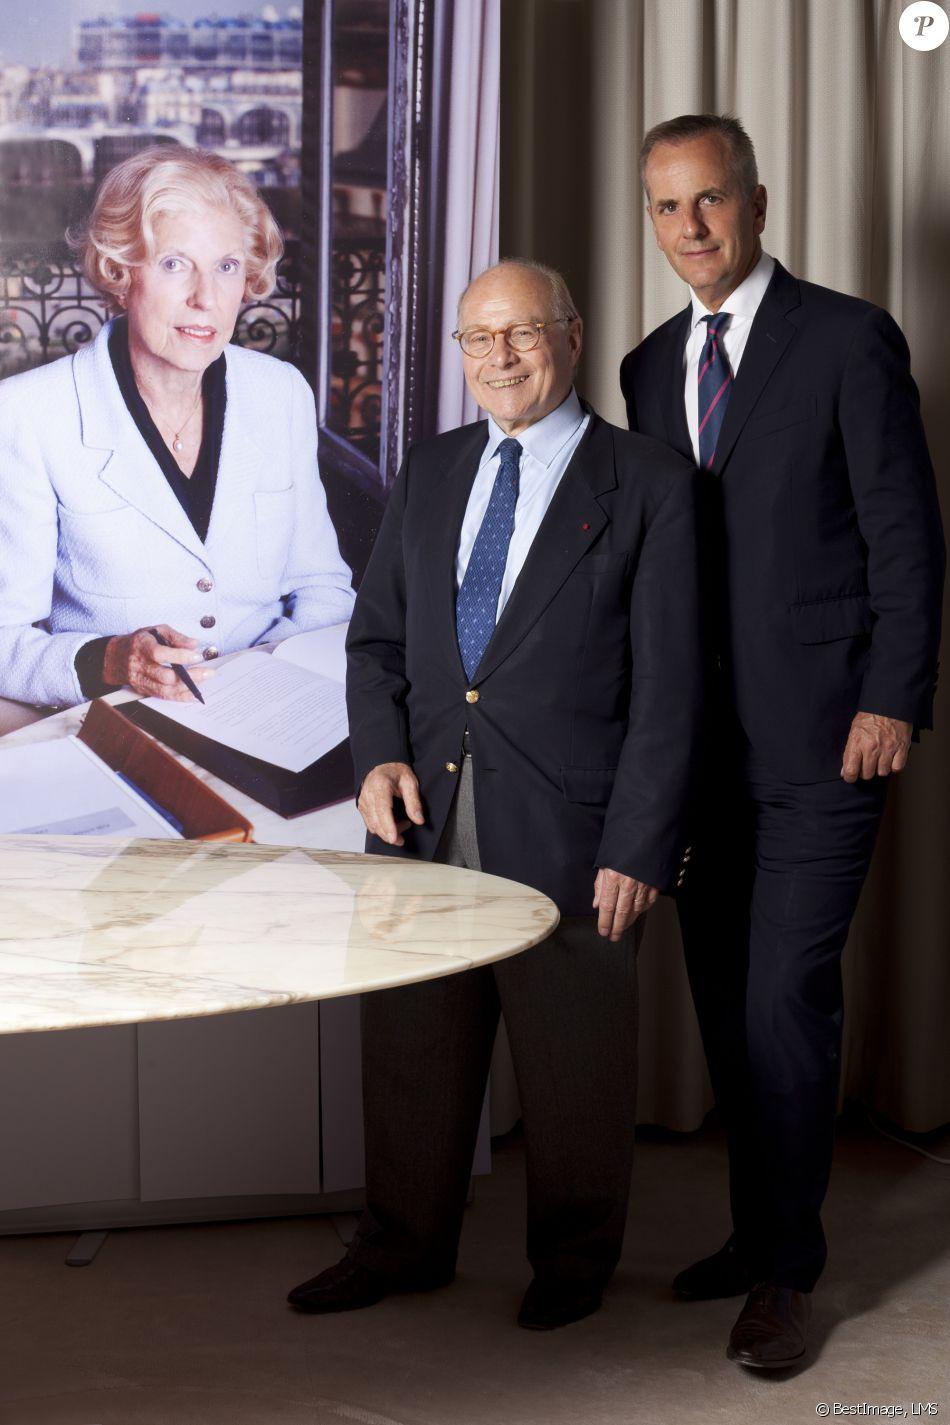 Exclusif - Alain Pompidou (fils adoptif du président Georges Pompidou et Claude Pompidou) et Bernard de La Villardière (ambassadeur) lors de la présentation des nouveaux ambassadeurs de la Fondation Claude Pompidou dans le bureau qu'a occupé Claude Pompidou pendant 40 ans au siège de la fondation à Paris, le 16 juin 2015. © LMS